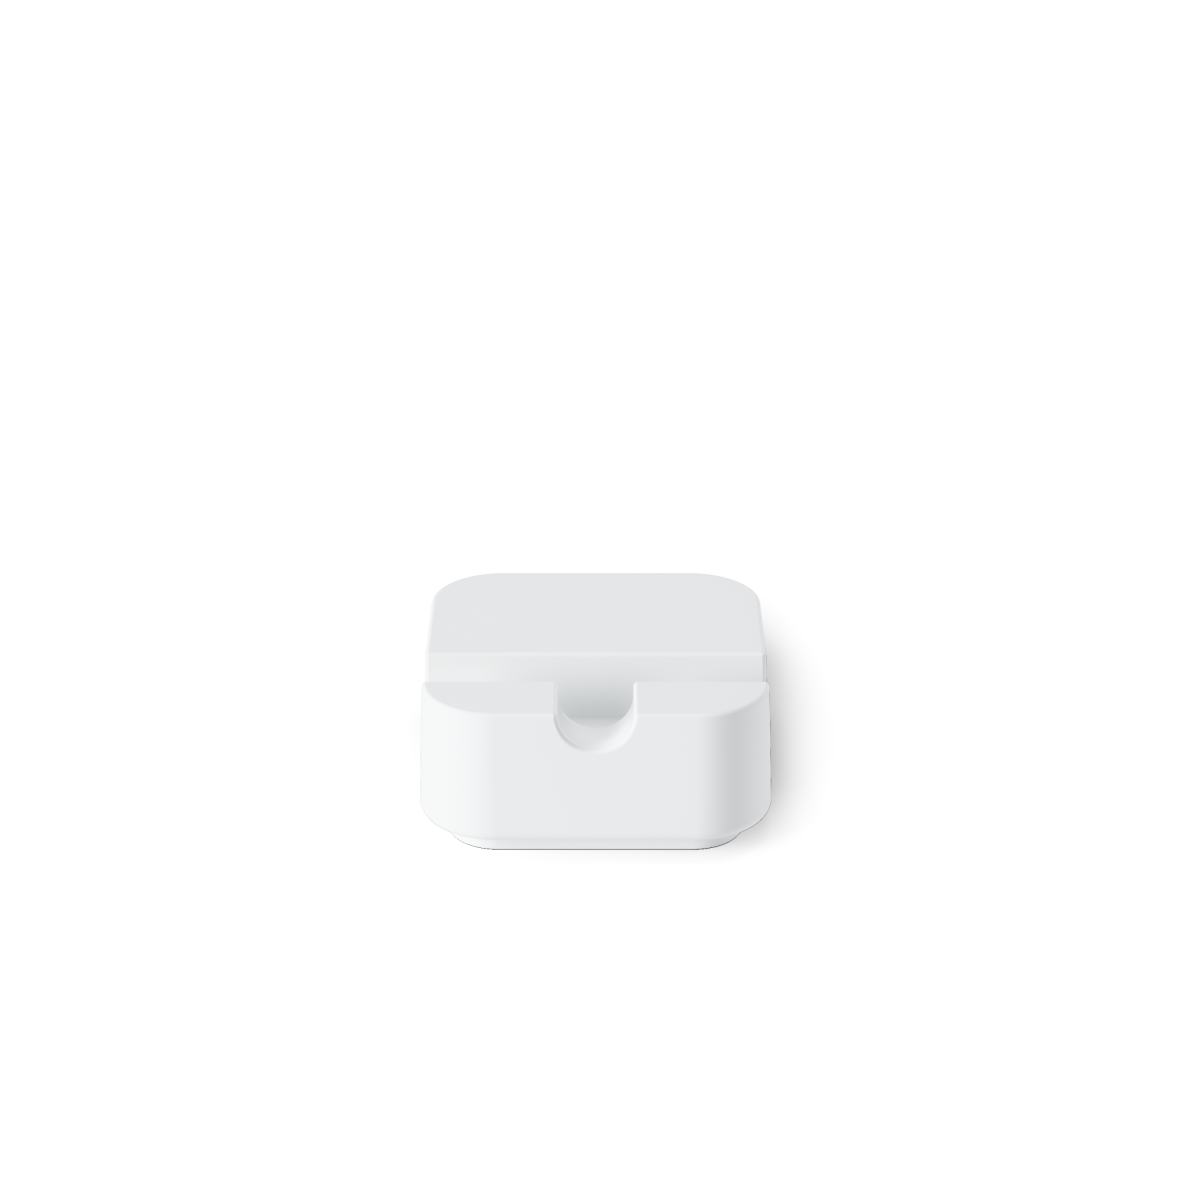 Držák na telefon SCILLAE bílý_5